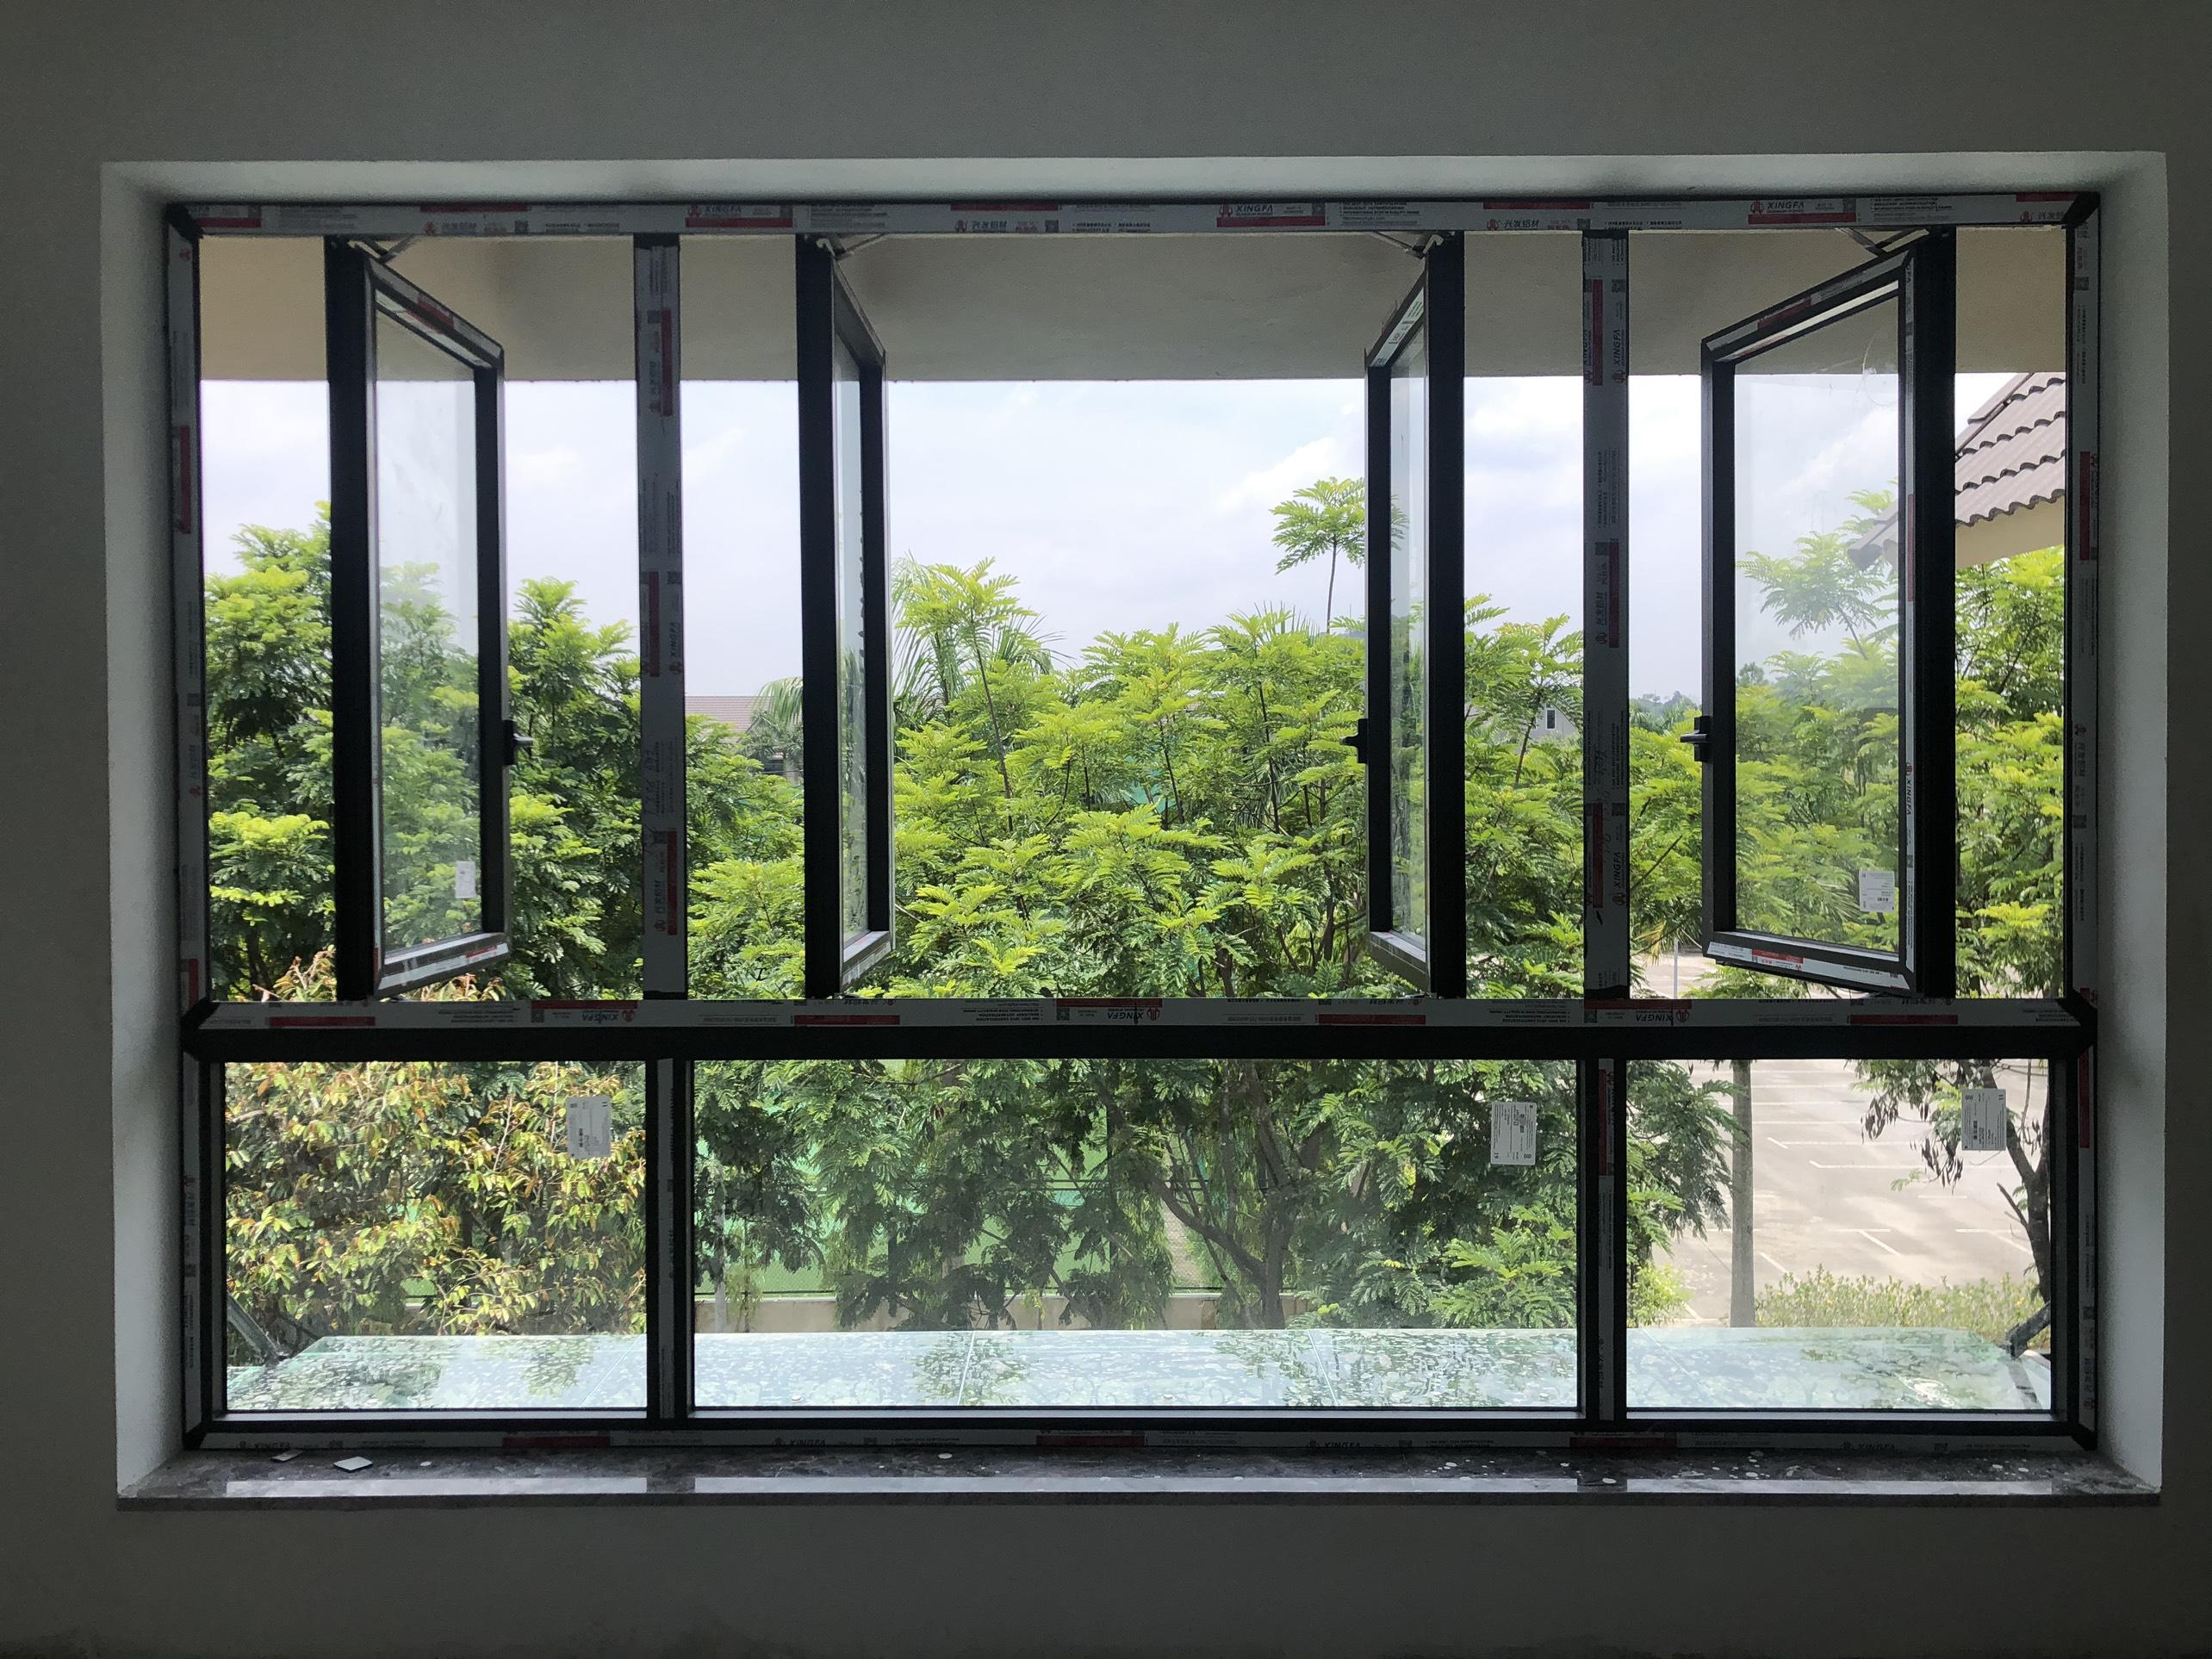 Cửa sổ mở quay 90 độ giúp lấy gió tối đa